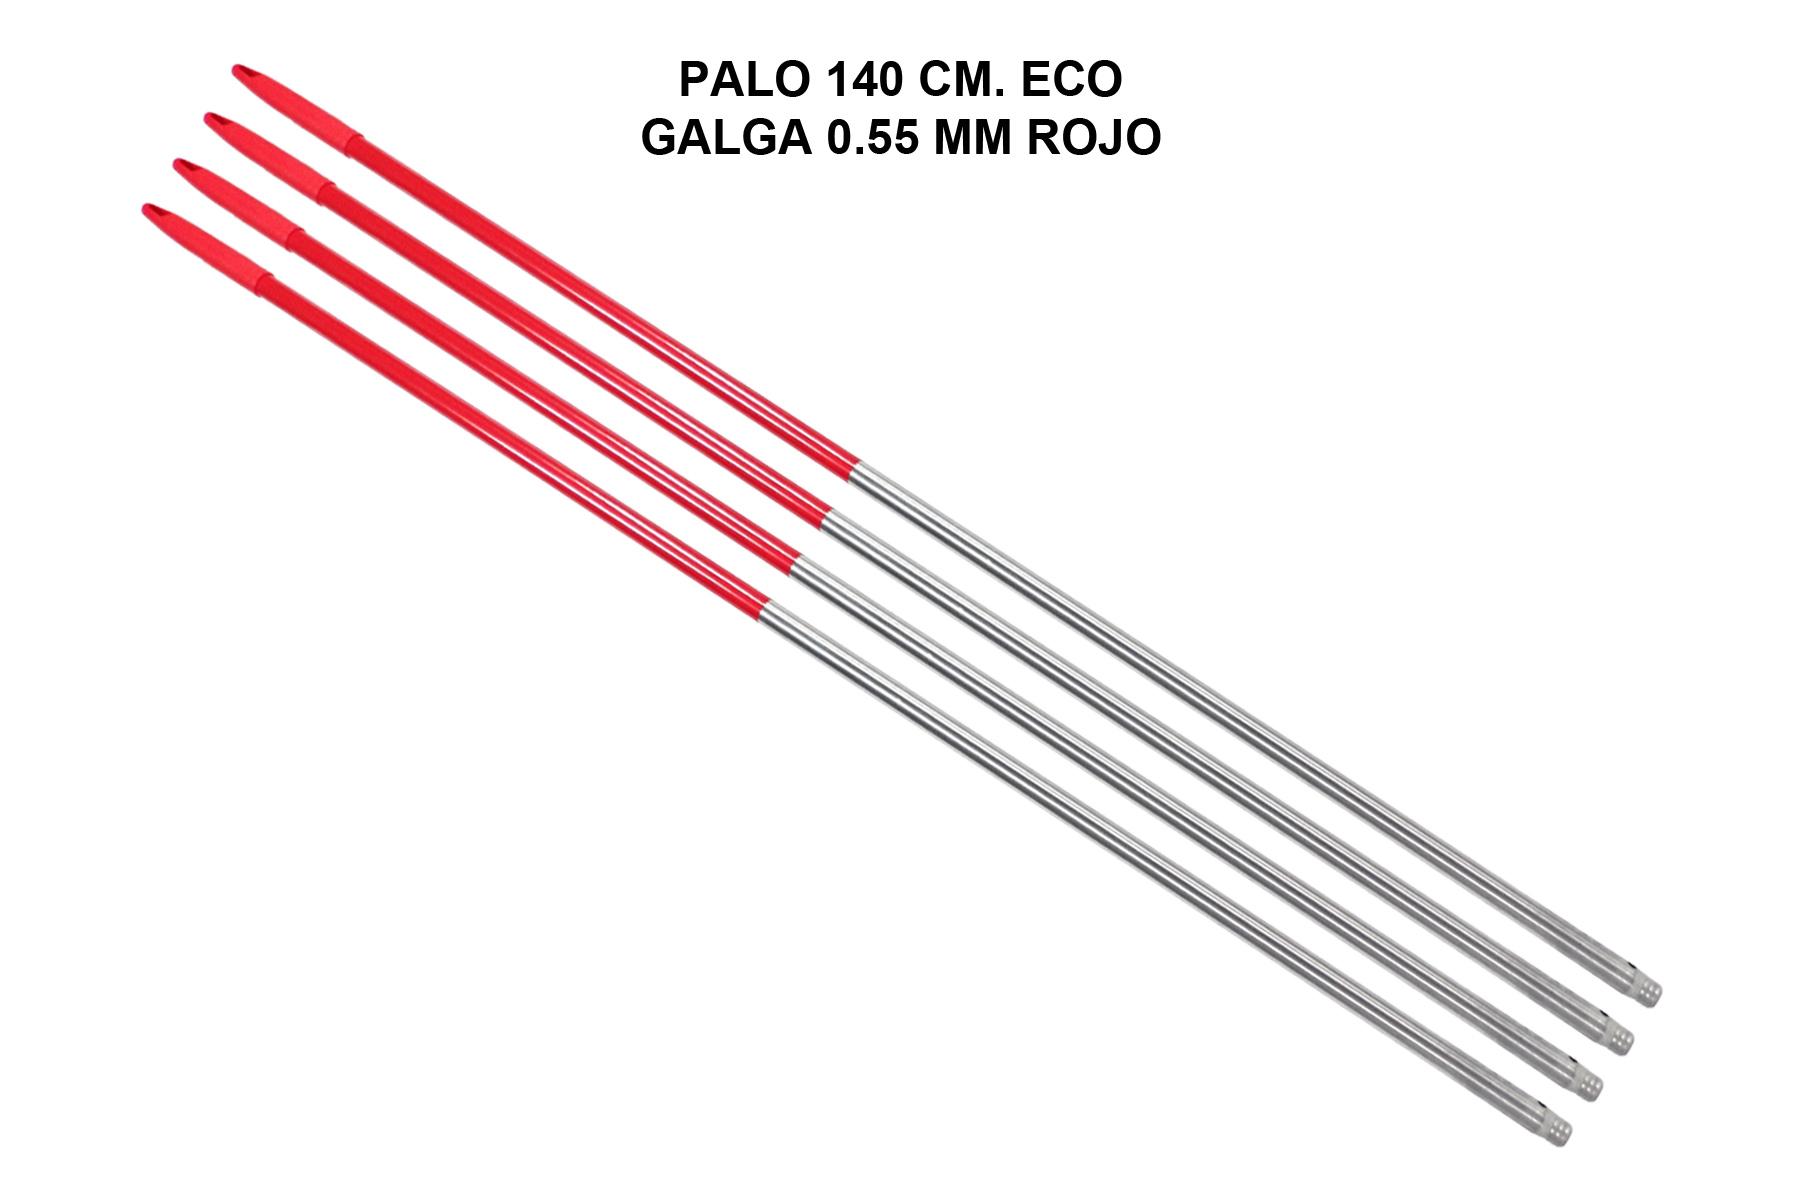 PALO 140 CM. ECO GALGA 0.55 MM ROJO